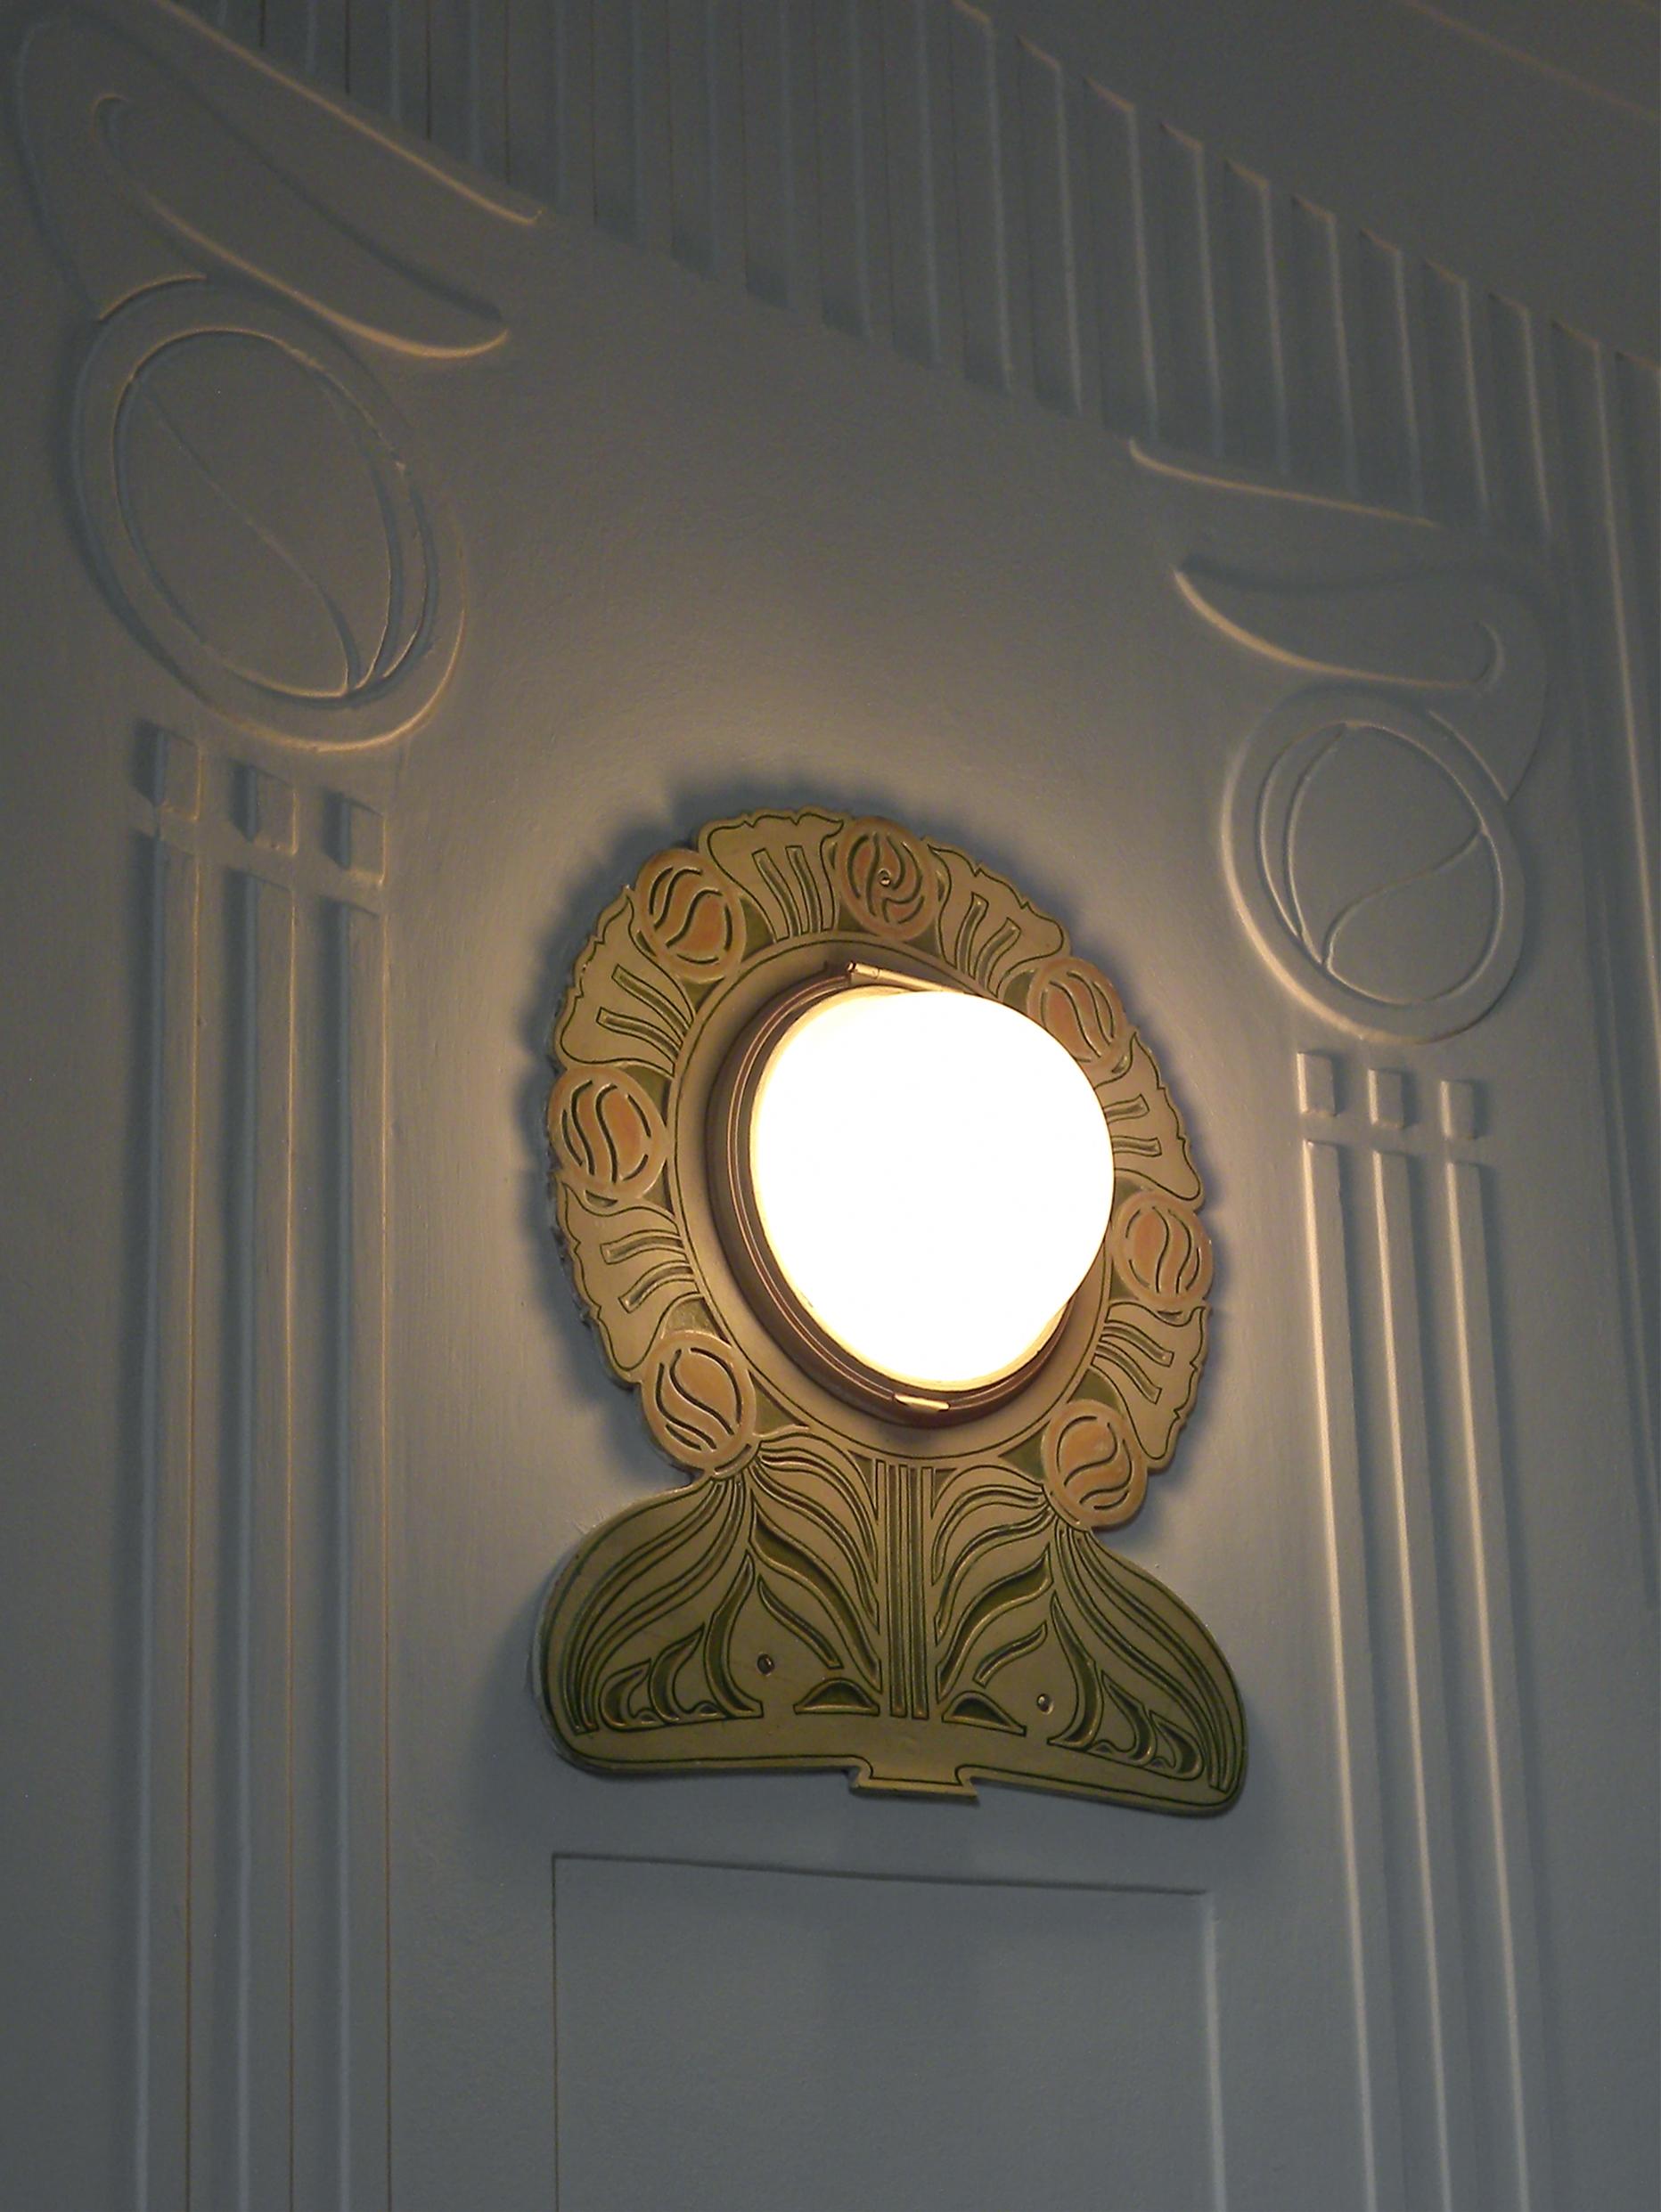 Beleuchtung Stiegenhaus file wien majolikahaus stiegenhausbeleuchtung jpg wikimedia